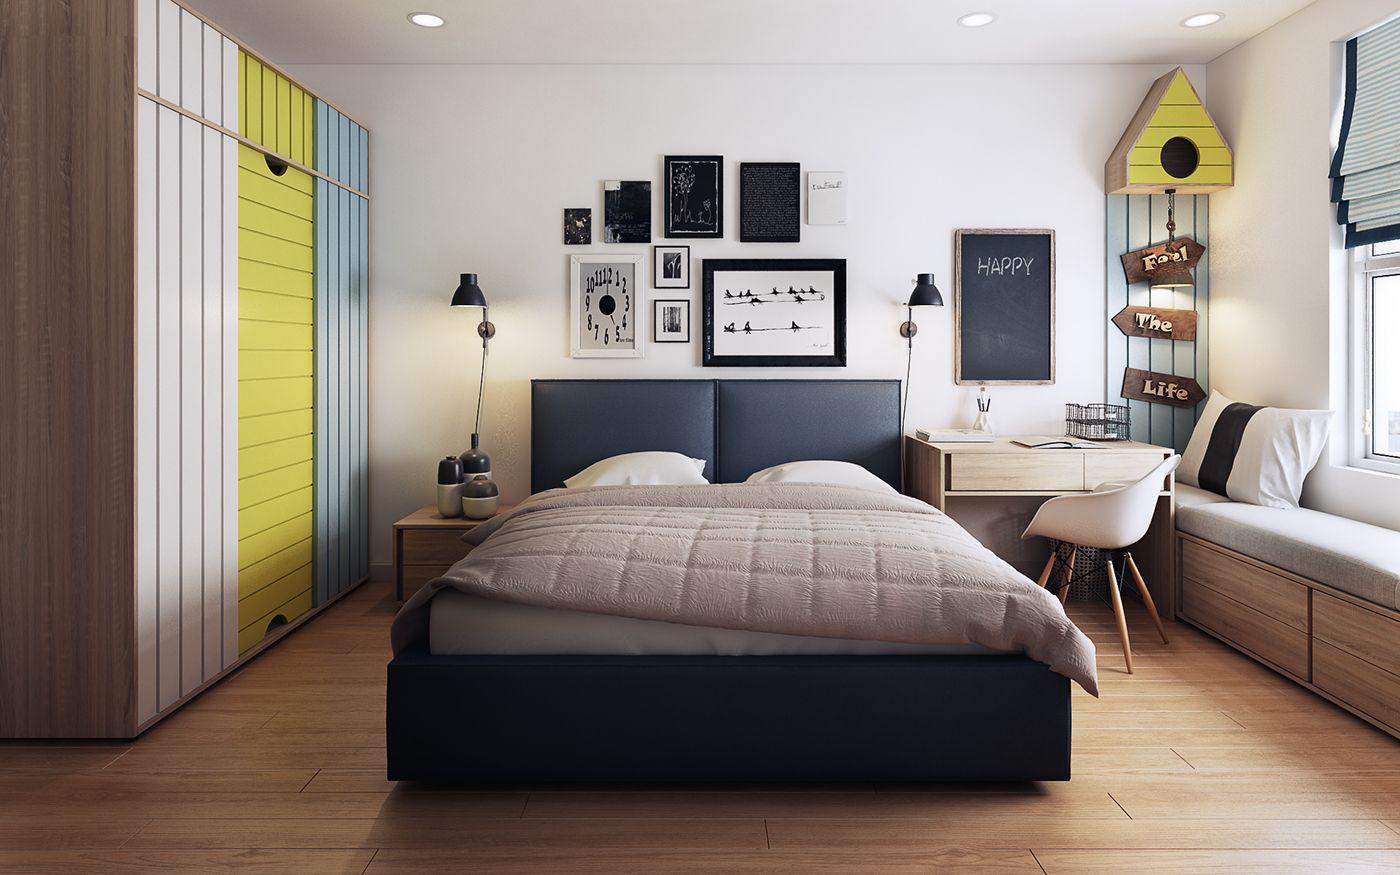 https://www.behance.net/gallery/32432959/Scandinavian-Apartment